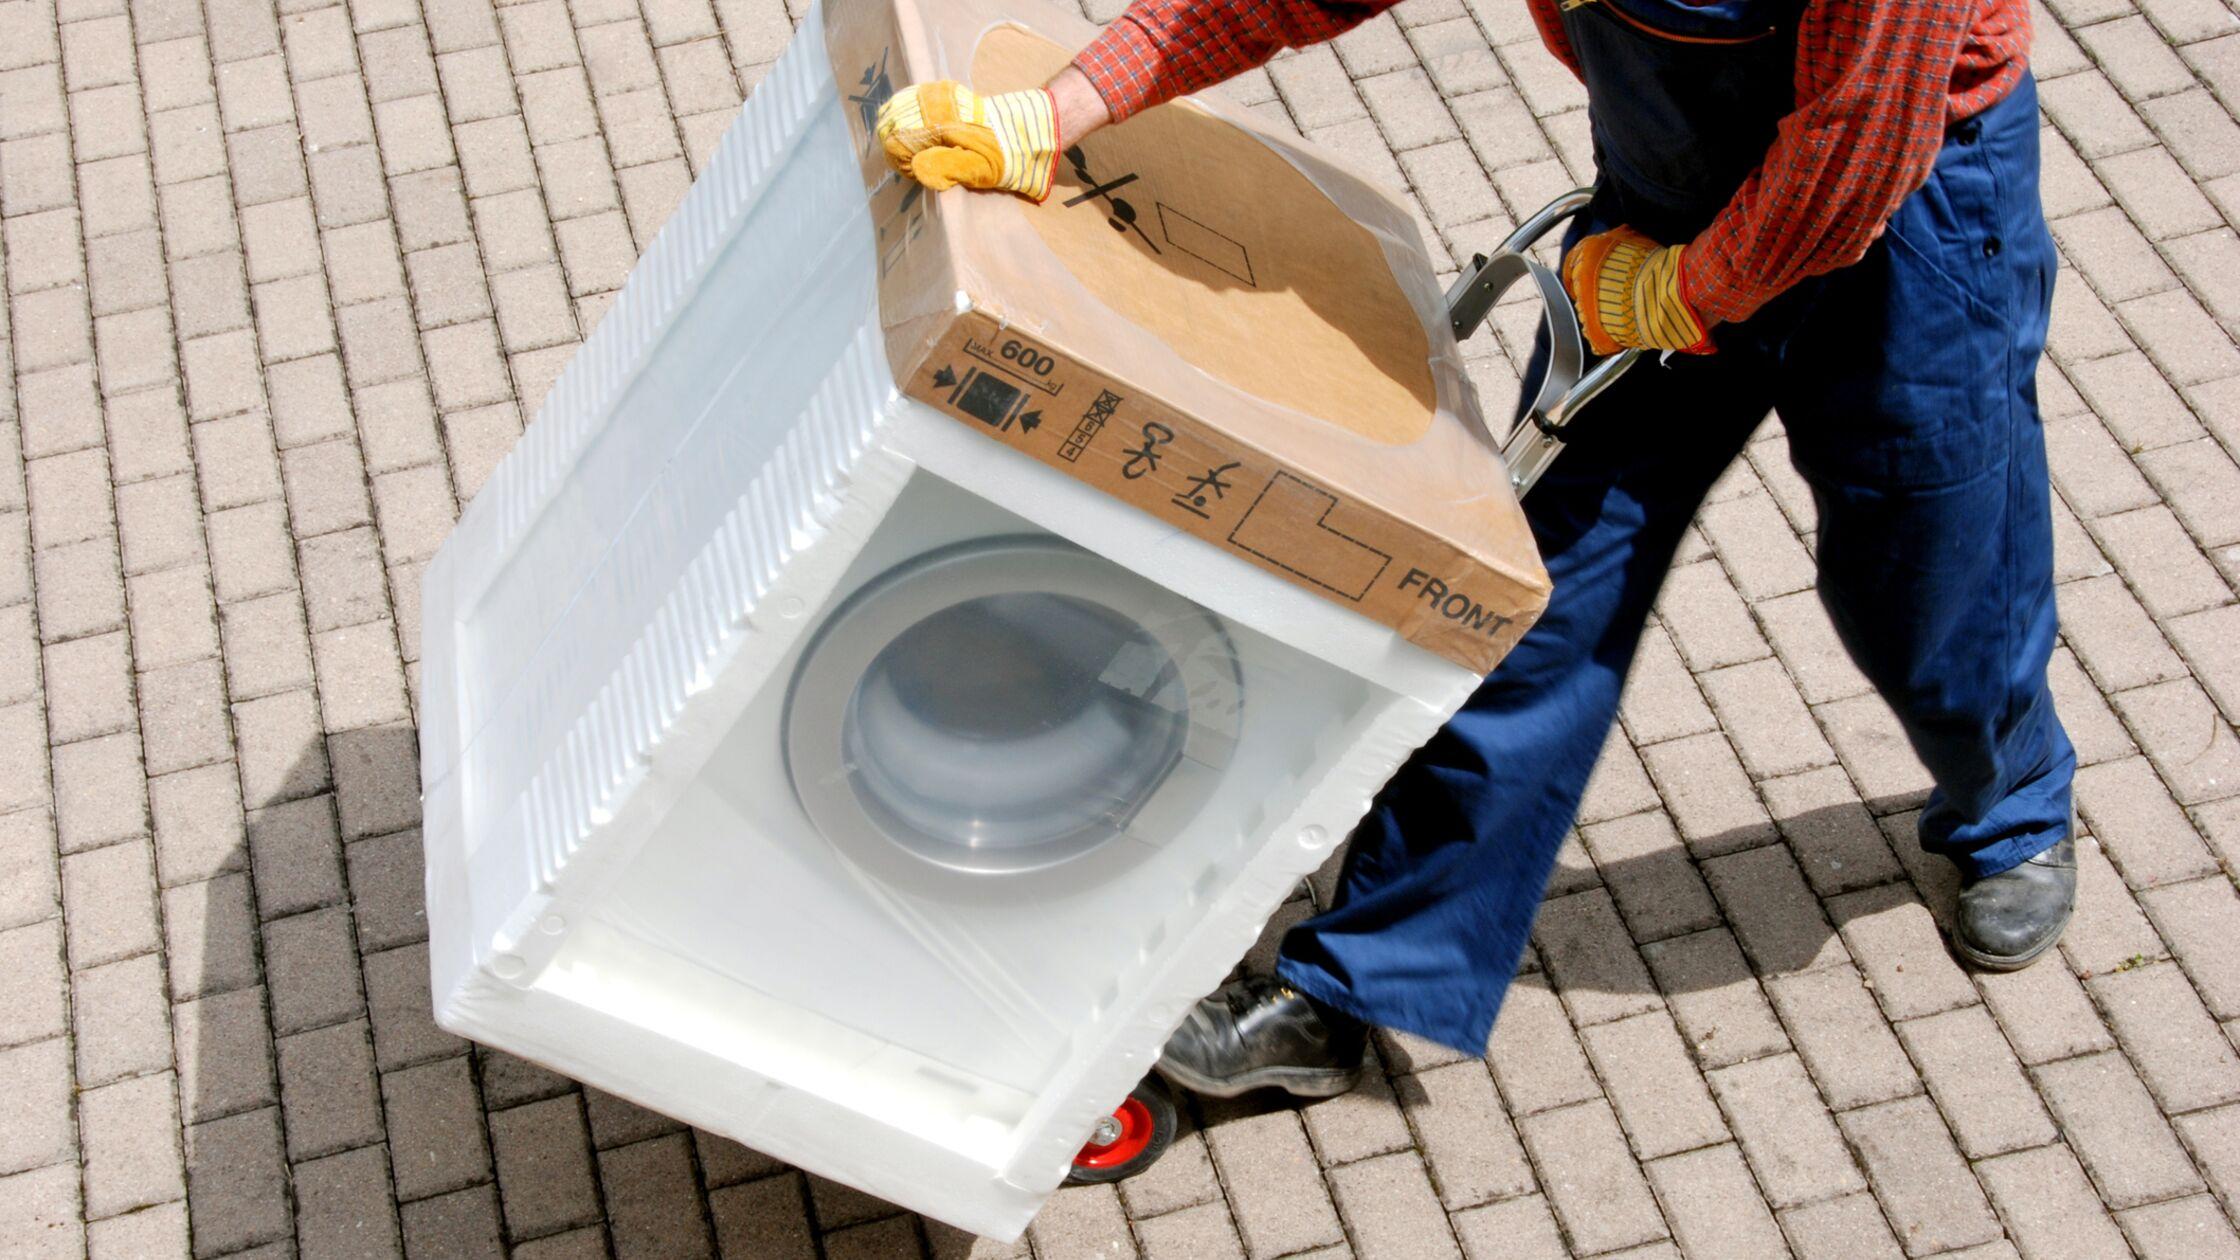 Waschmaschine transportieren: So geht's sicher in die neue Wohnung